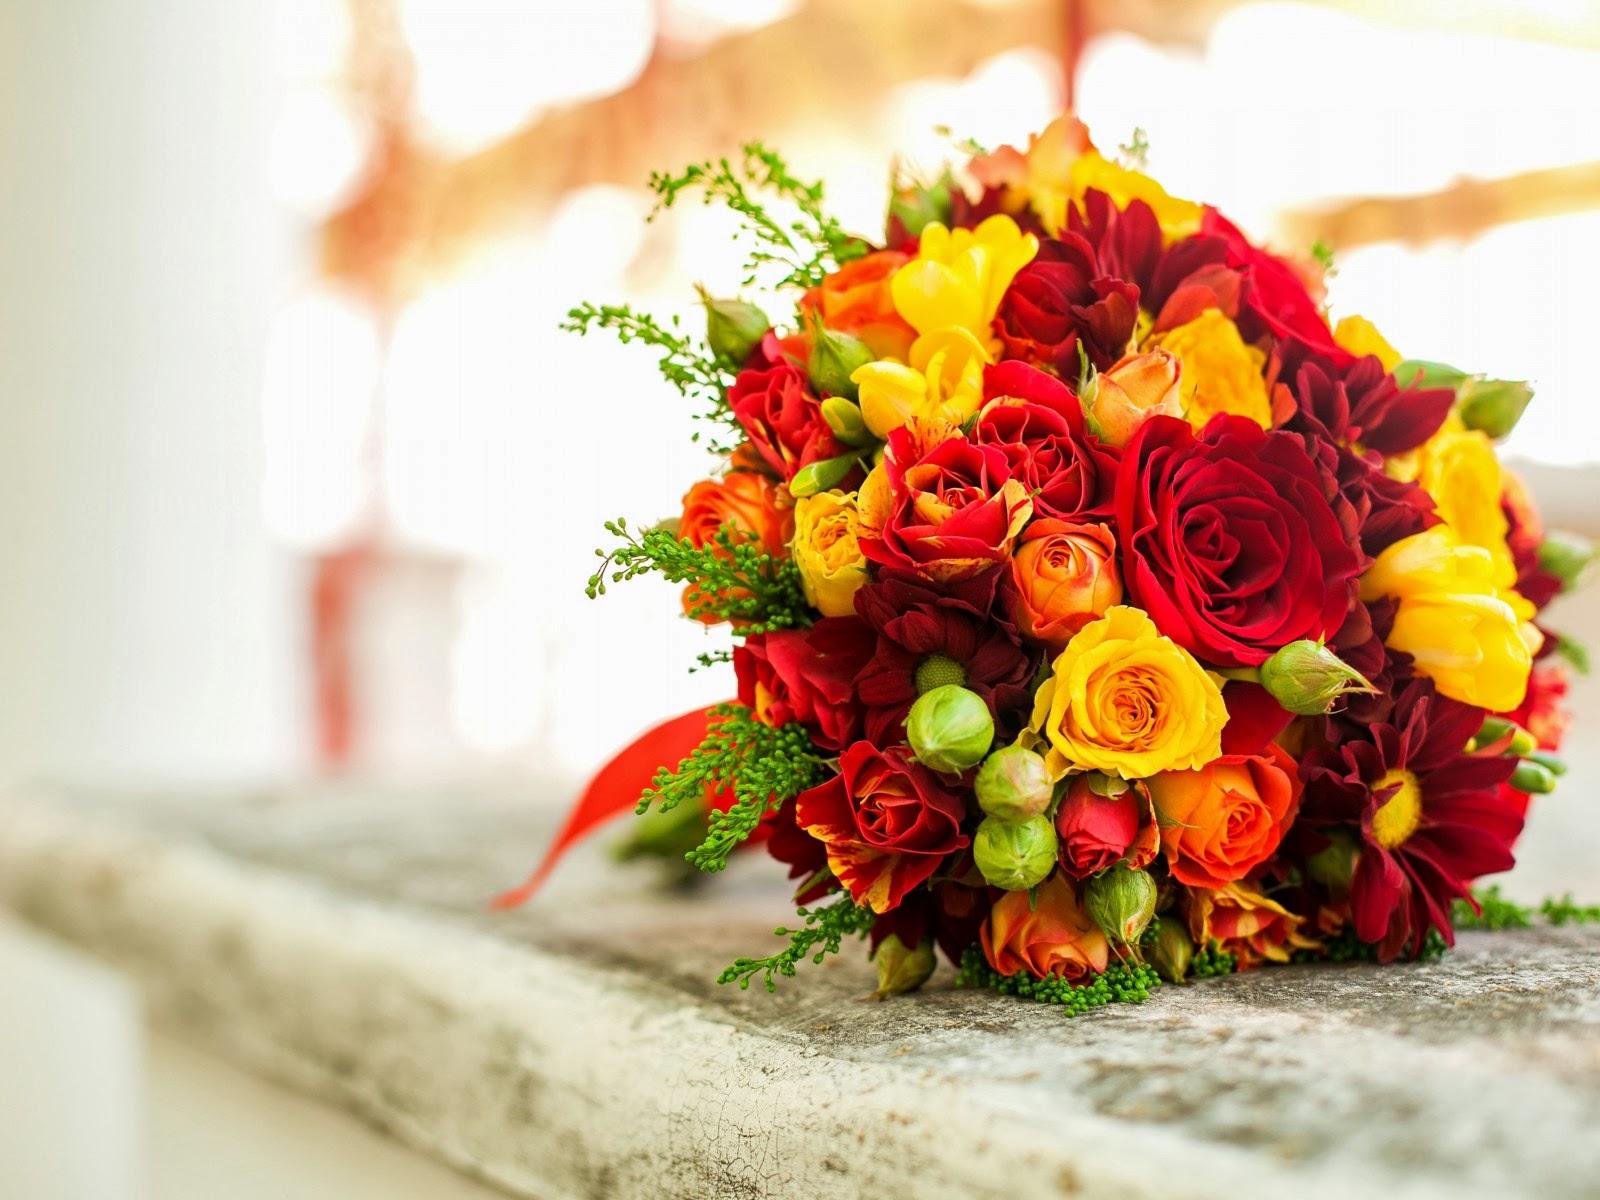 بالصور اجمل بوكيه ورد فى الدنيا , صور الورد روعة 3495 5